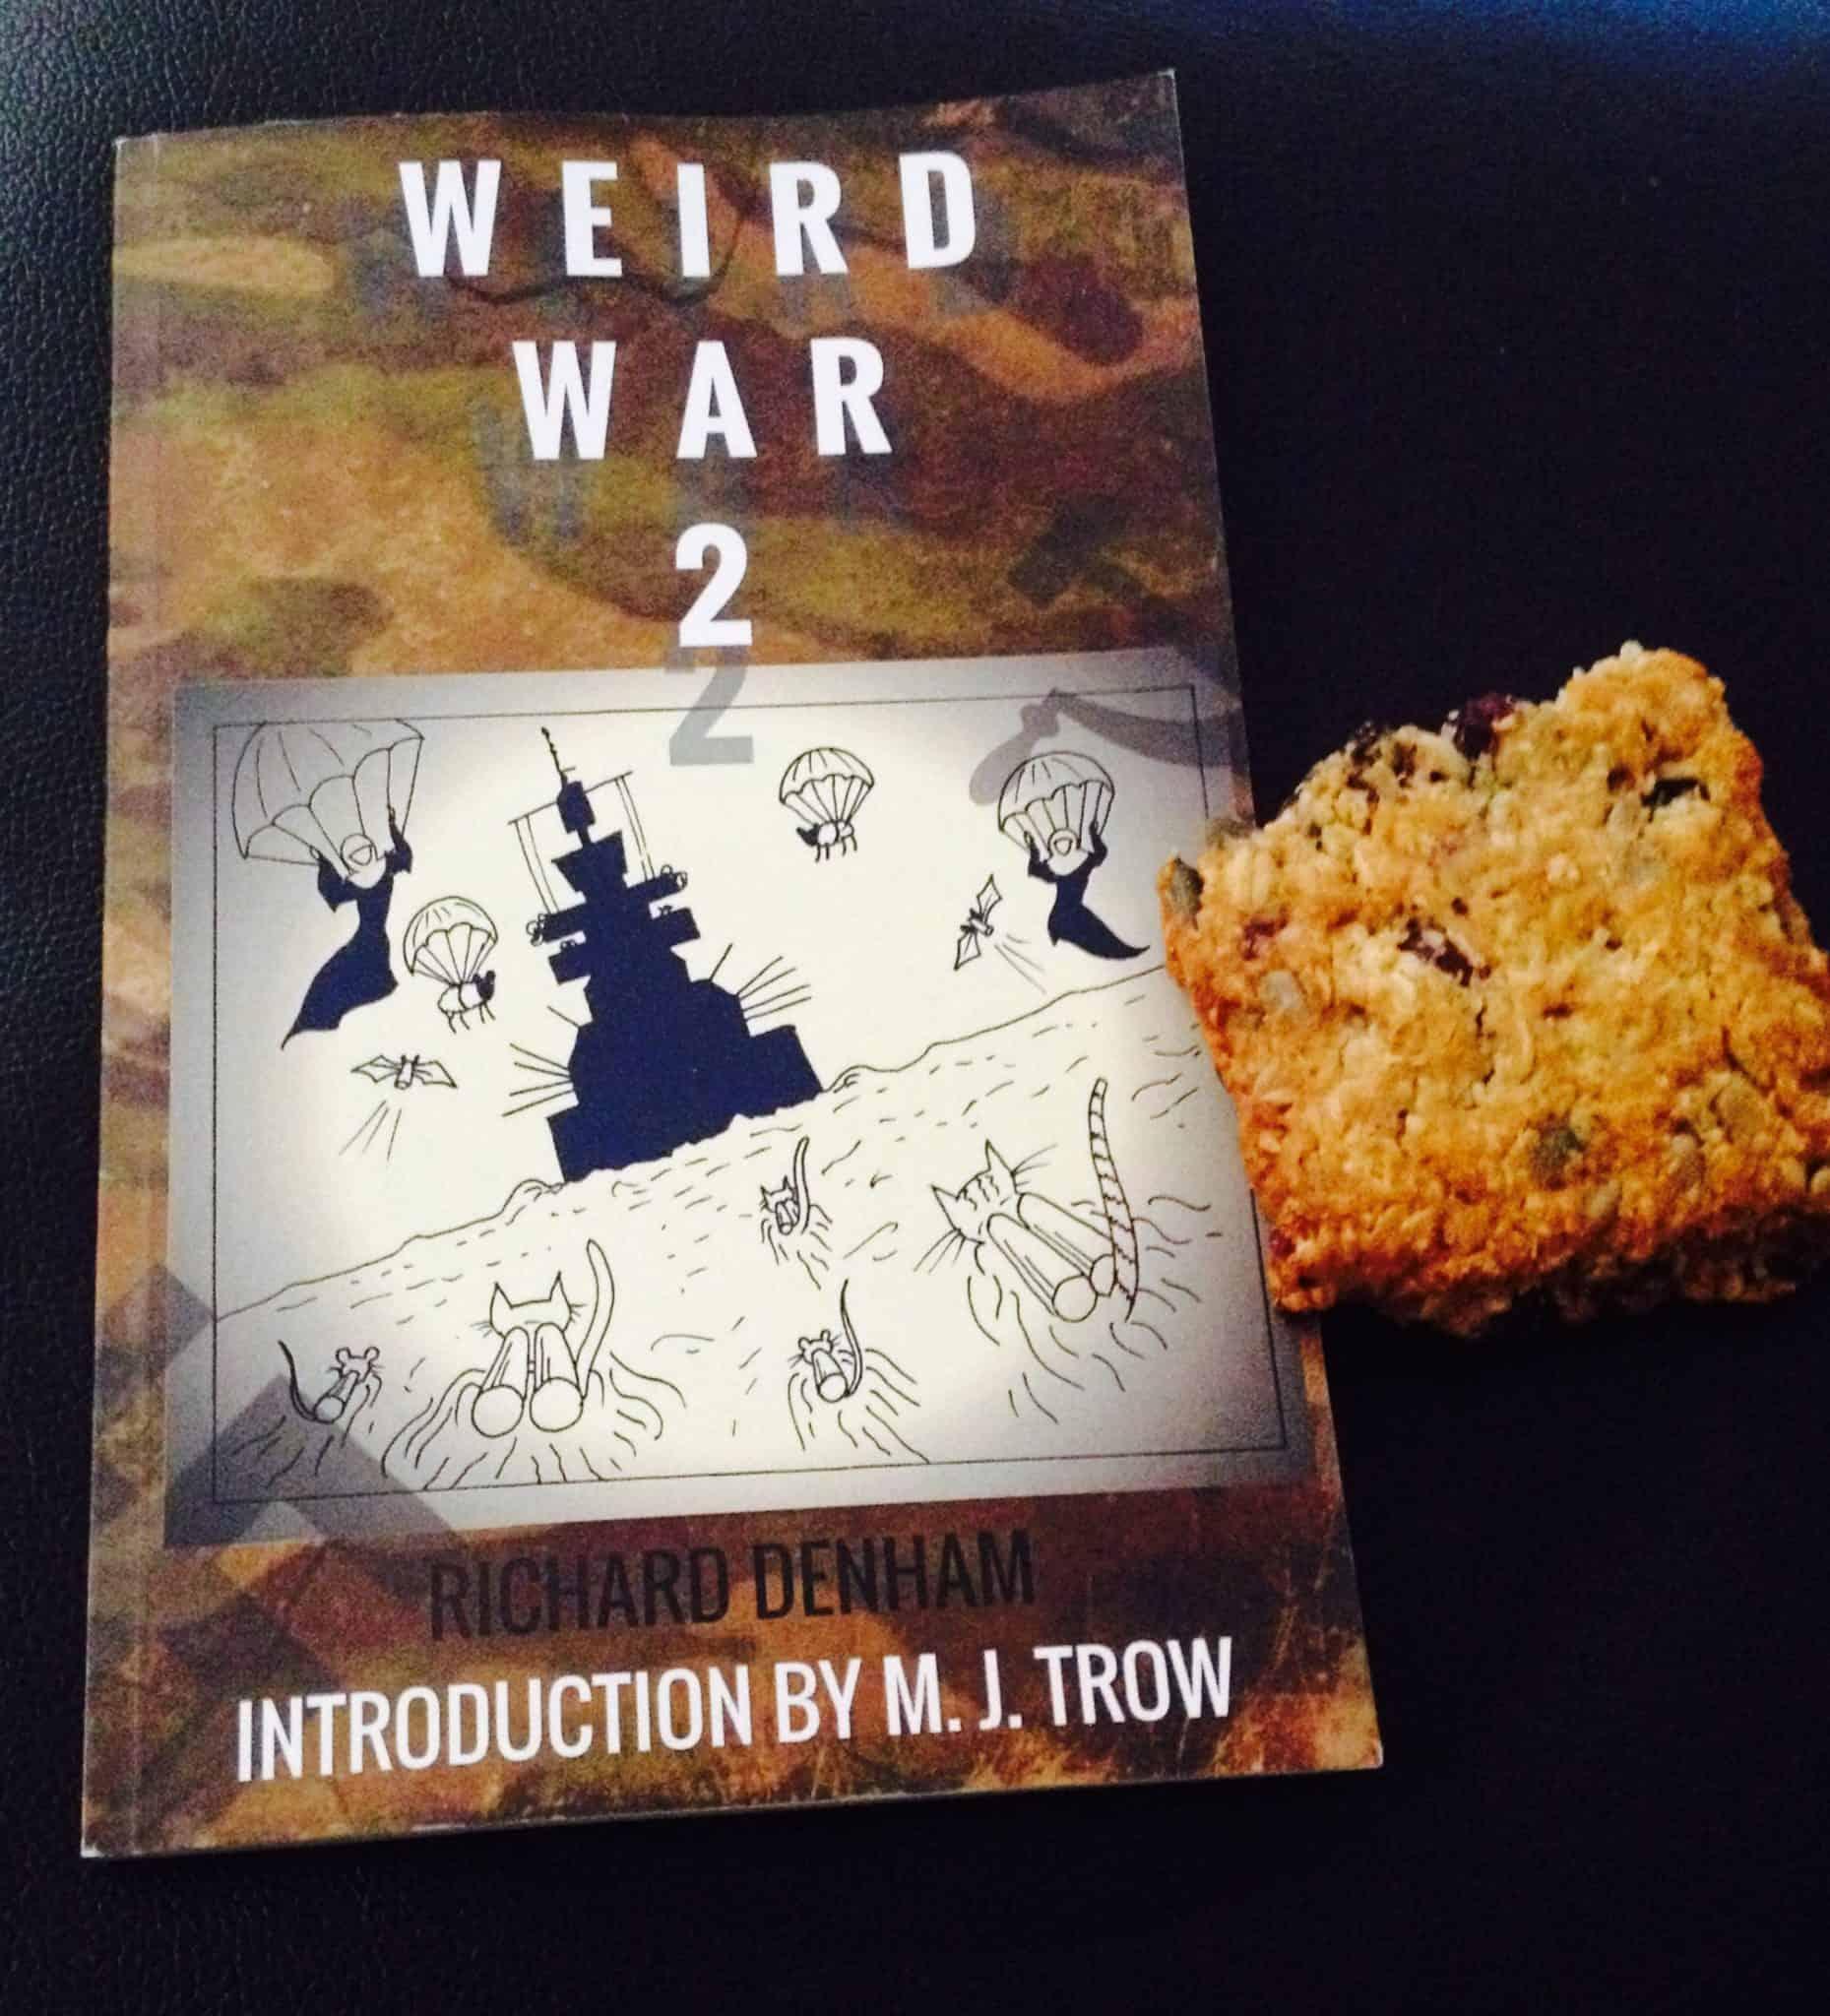 Book Review: Weird War 2